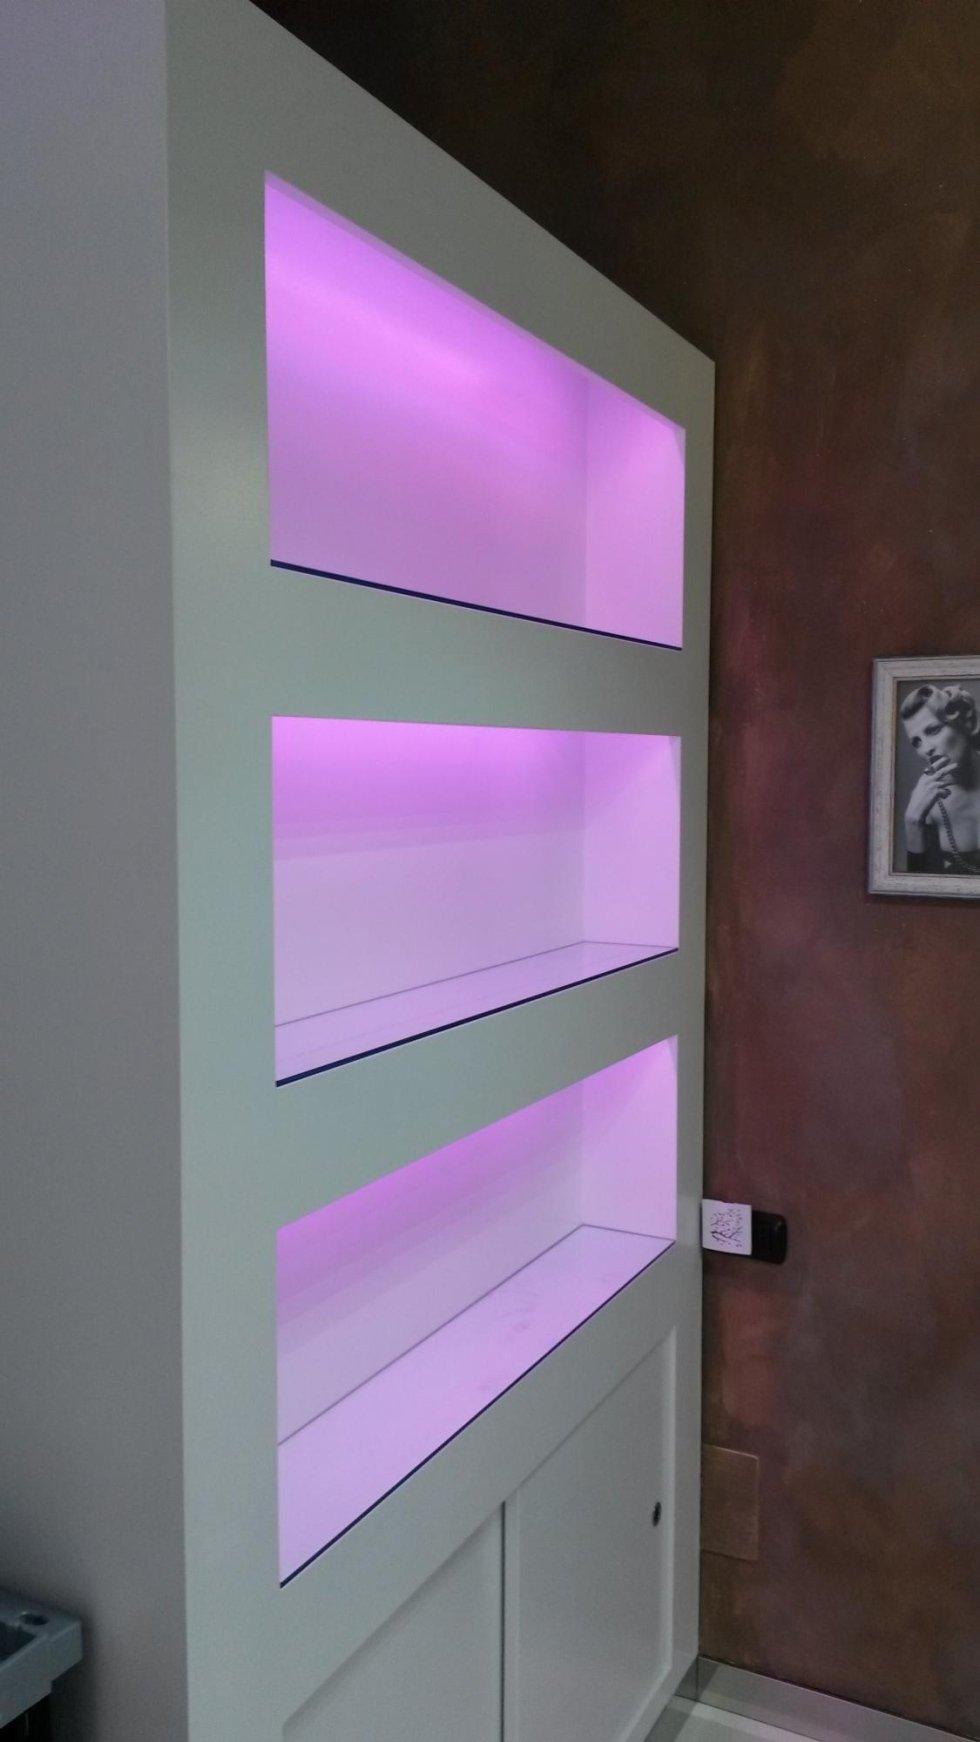 Ripiani in vetro su scaffalatura con illuminazione a LED